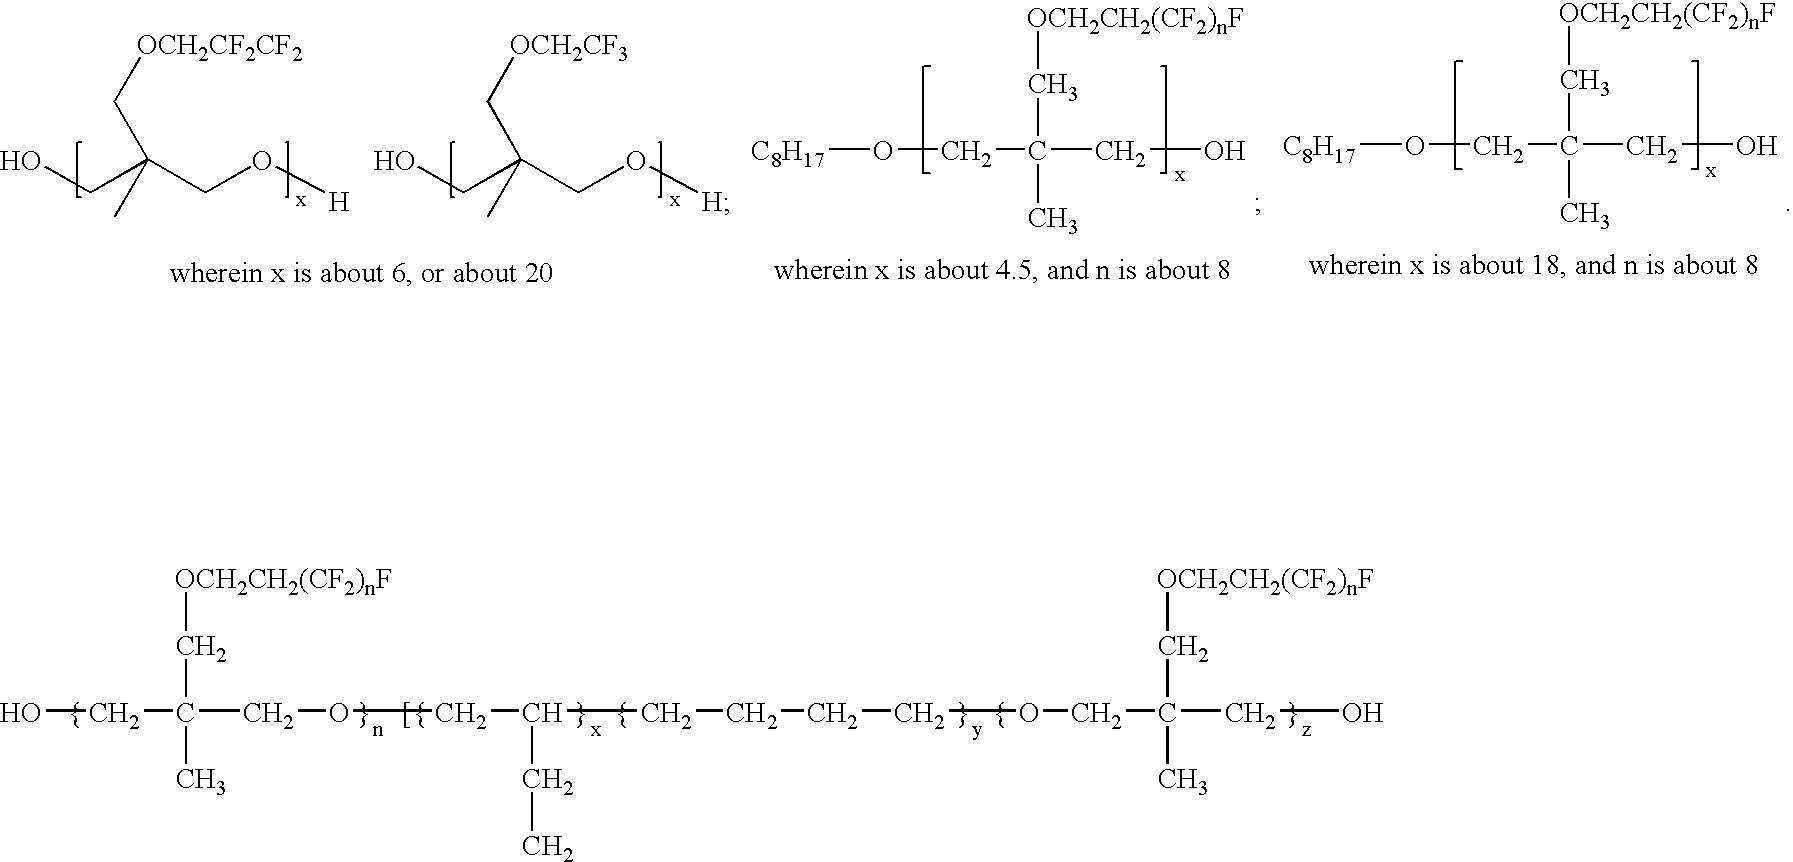 Figure US20090208857A1-20090820-C00006